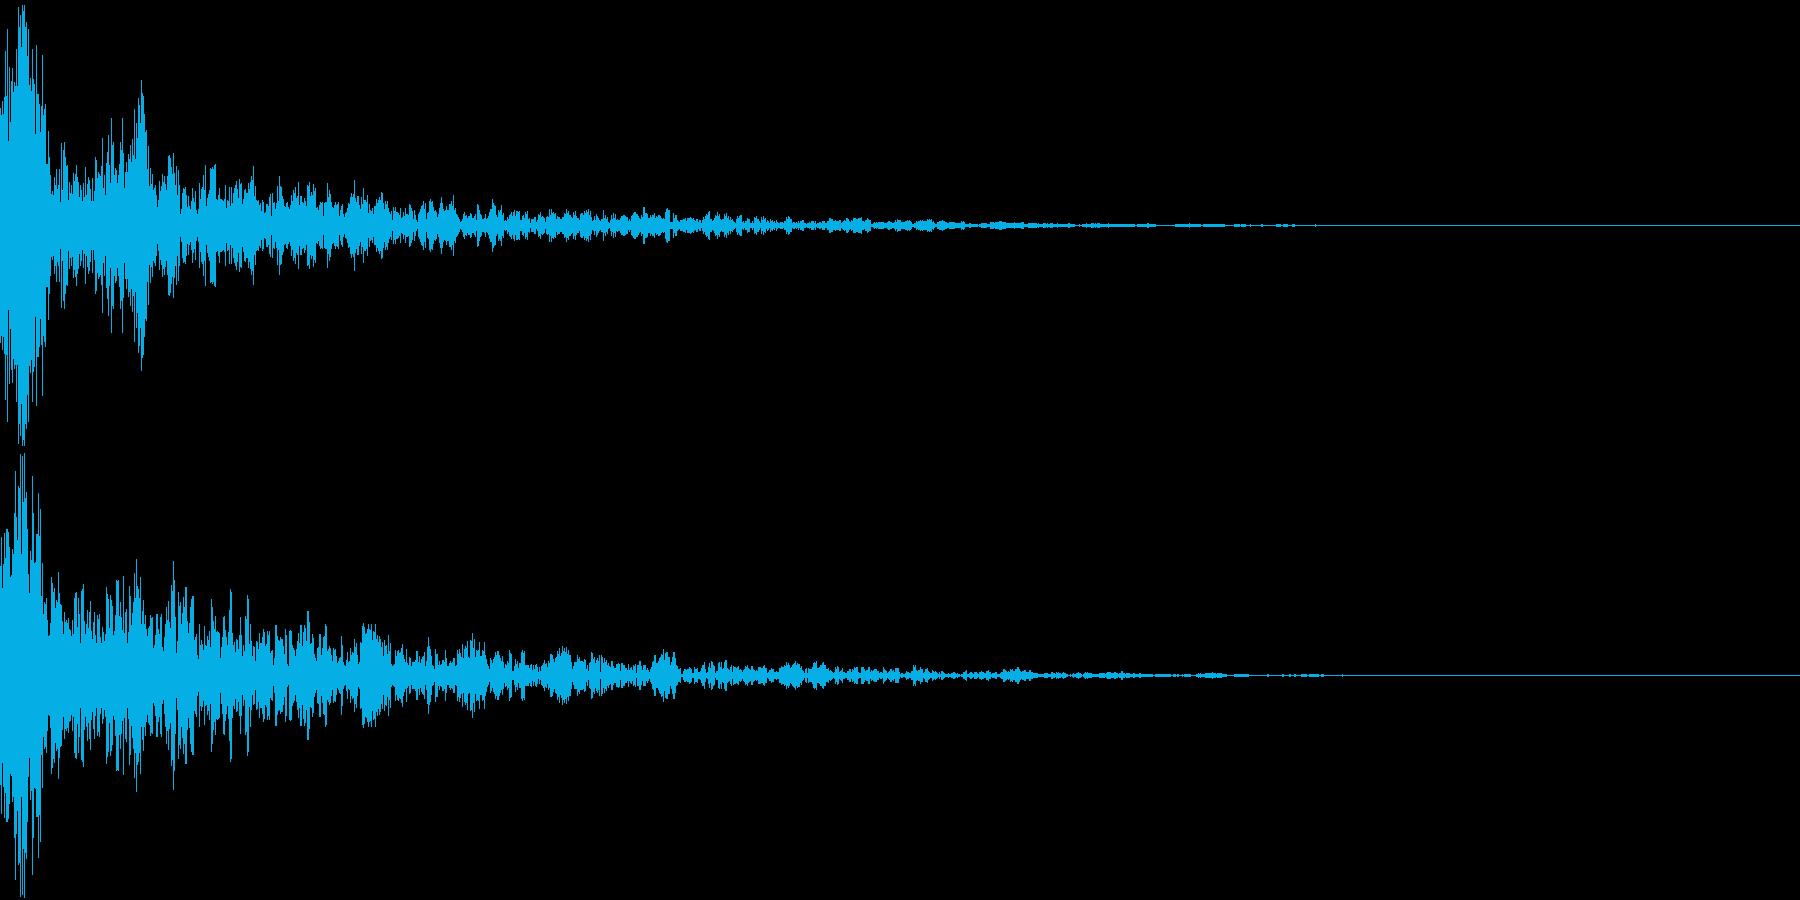 ドーン-14-2(インパクト音)の再生済みの波形